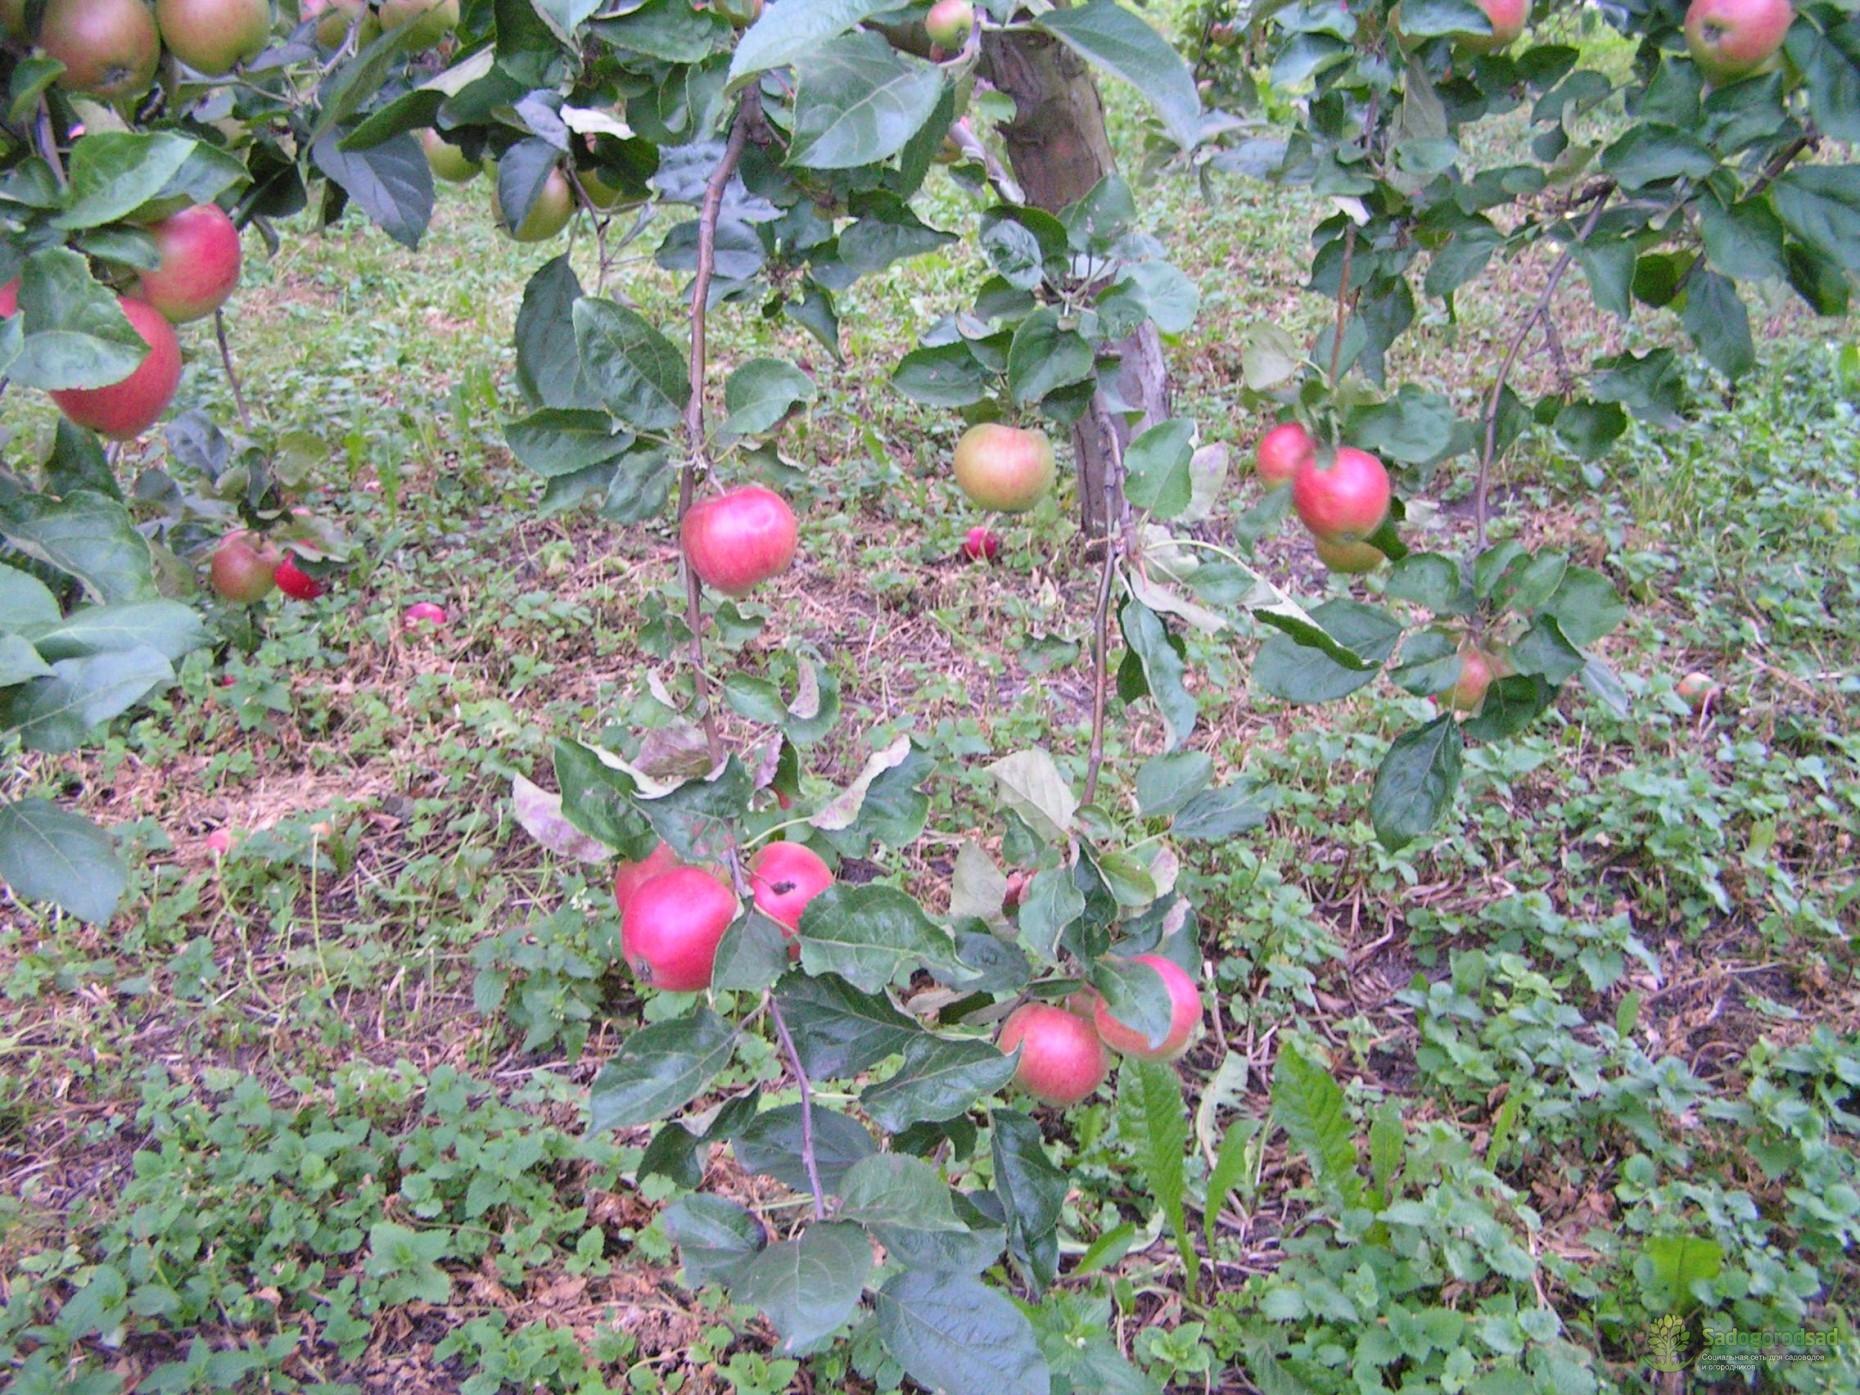 Описание сорта яблони малиновка: фото яблок, важные характеристики, урожайность с дерева